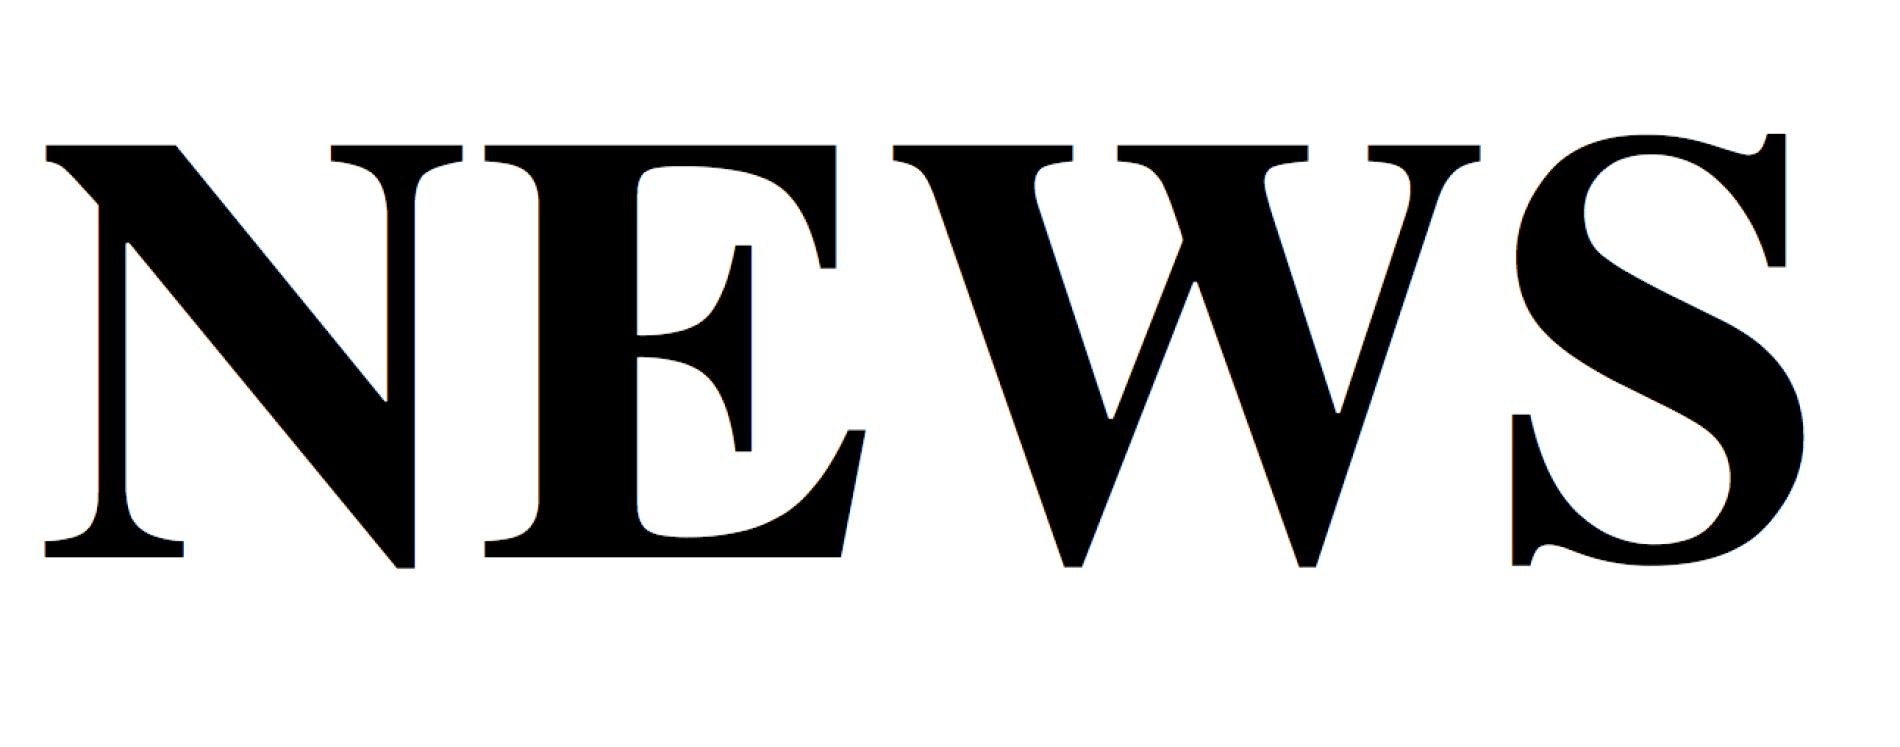 AUGUST-NEWS